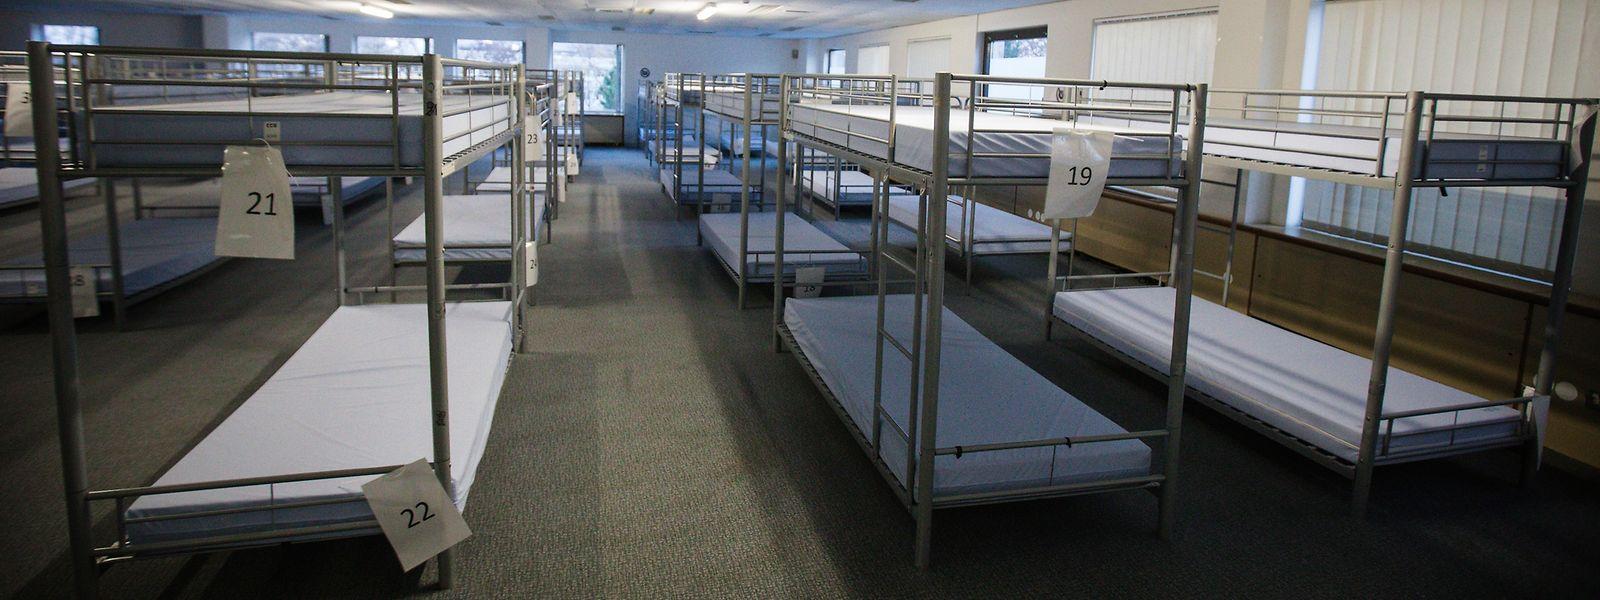 Die Betten der Wanteraktioun wurden in dieser Saison nur bedingt genutzt.